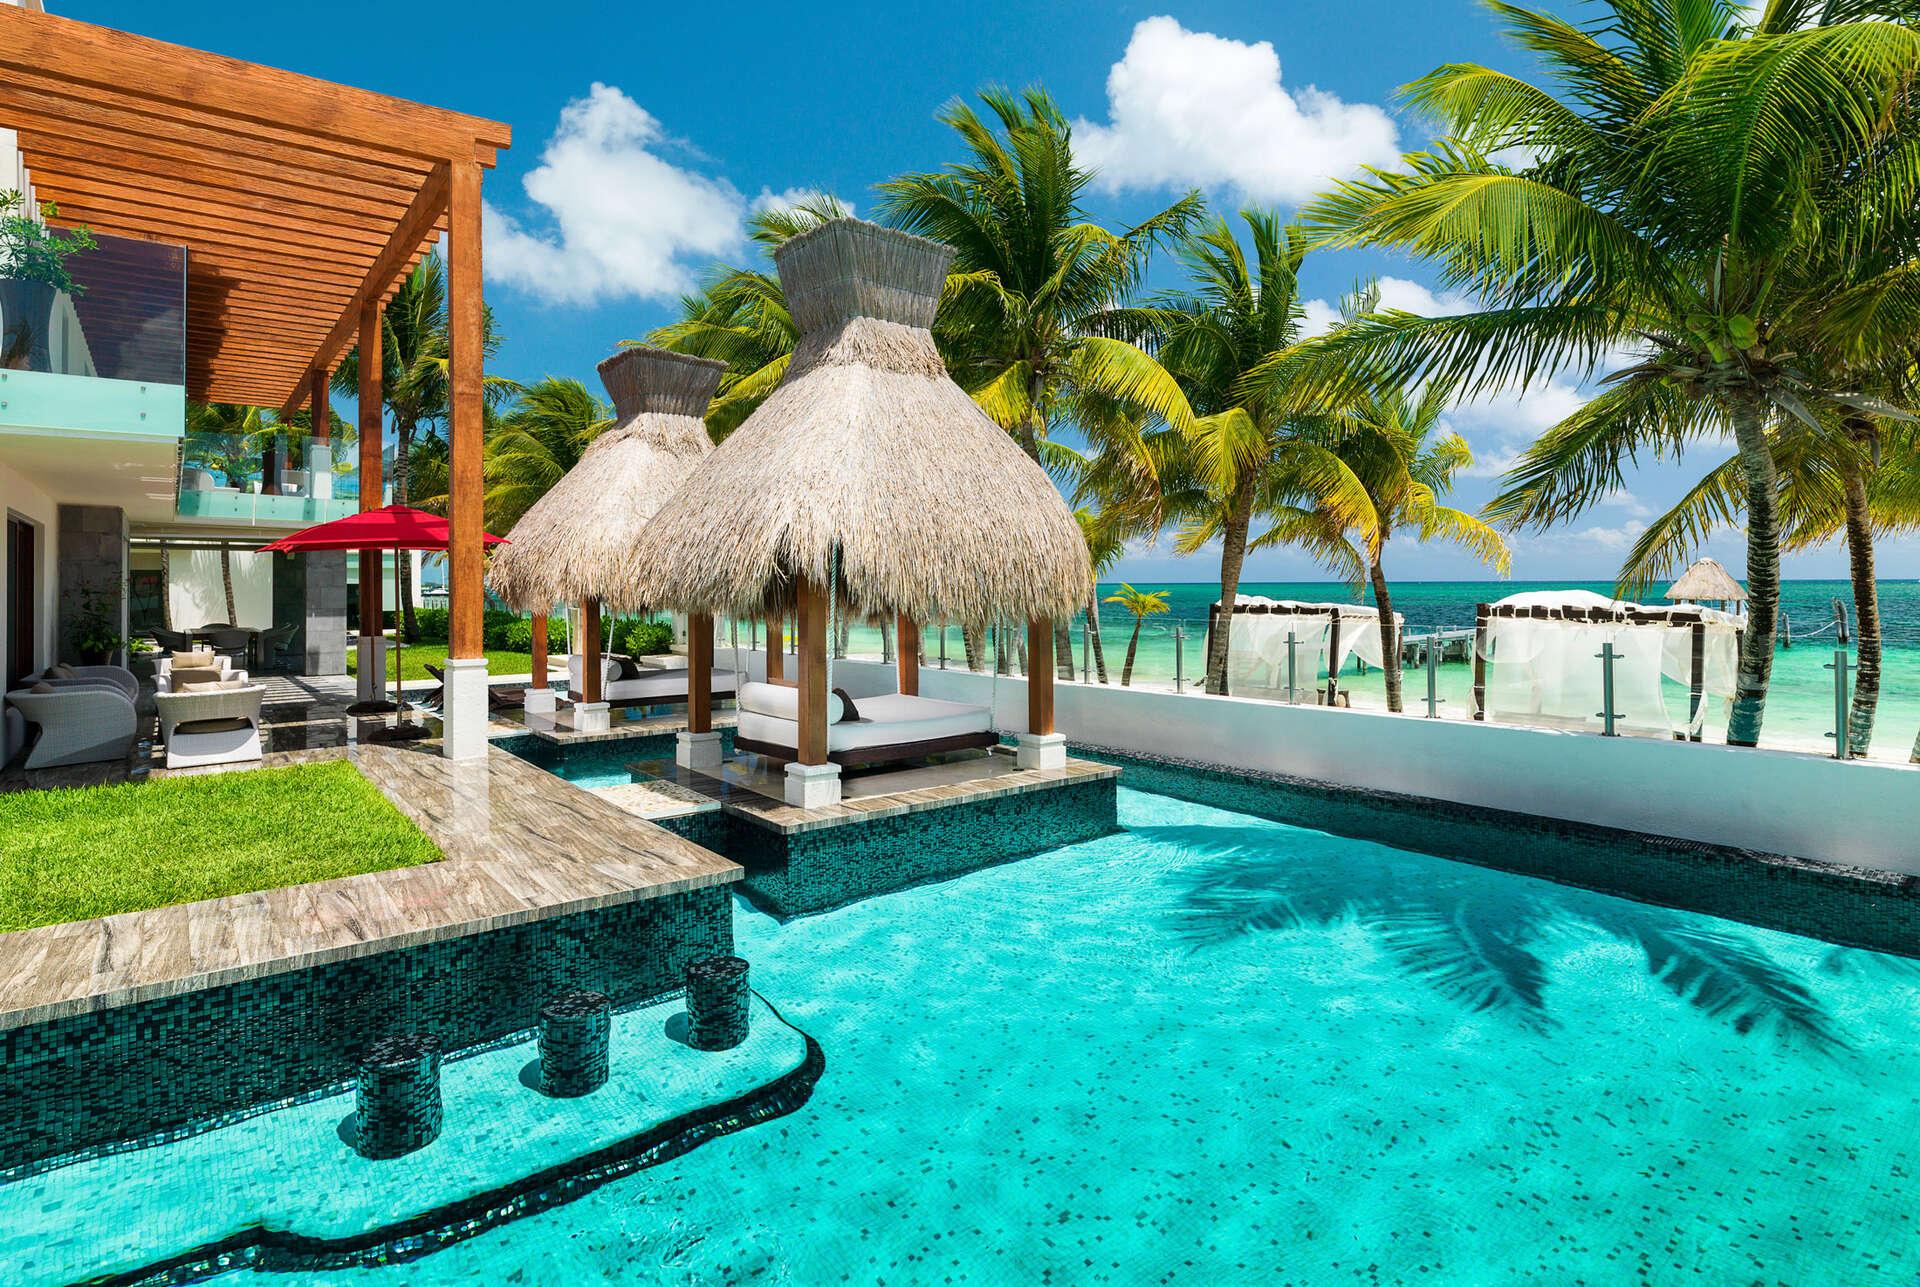 Luxury vacation rentals mexico - Riviera maya - Puerto morelos - No location 4 - Azul Esmeralda - Image 1/15